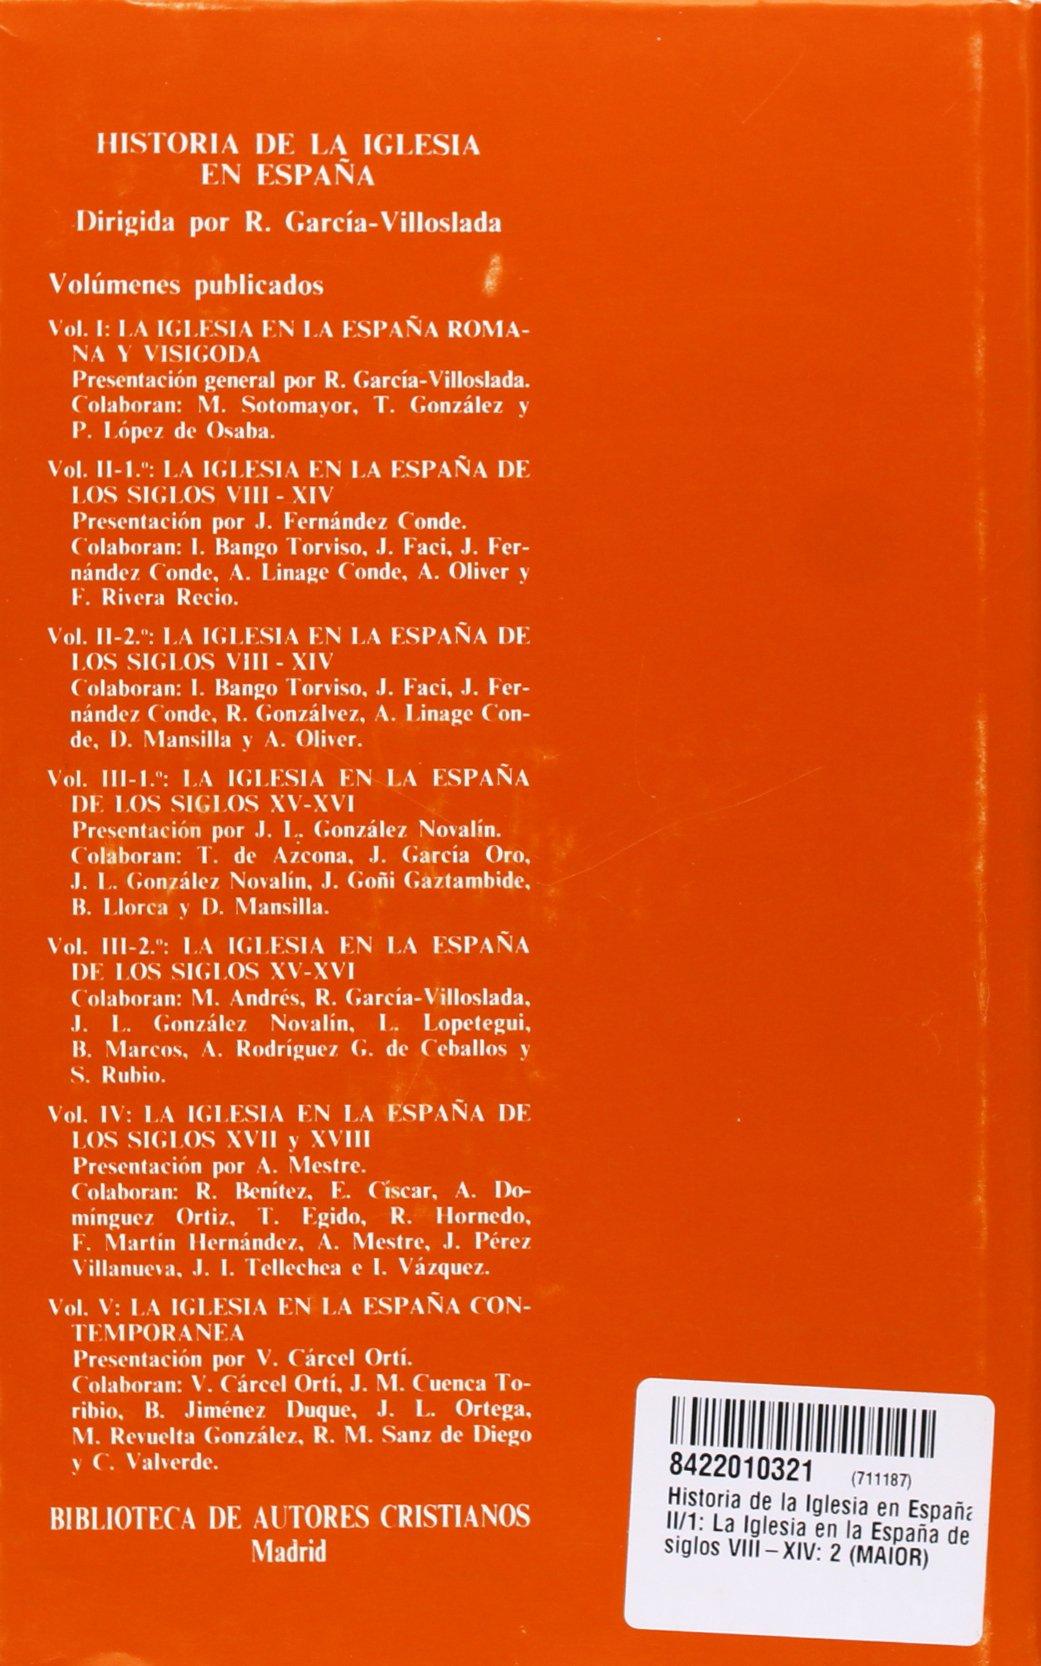 Historia de la Iglesia en España. II/1: La Iglesia en la España de los siglos VIII-XIV: 2 MAIOR: Amazon.es: García-Villoslada, Ricardo, Fernández Conde, Javier: Libros